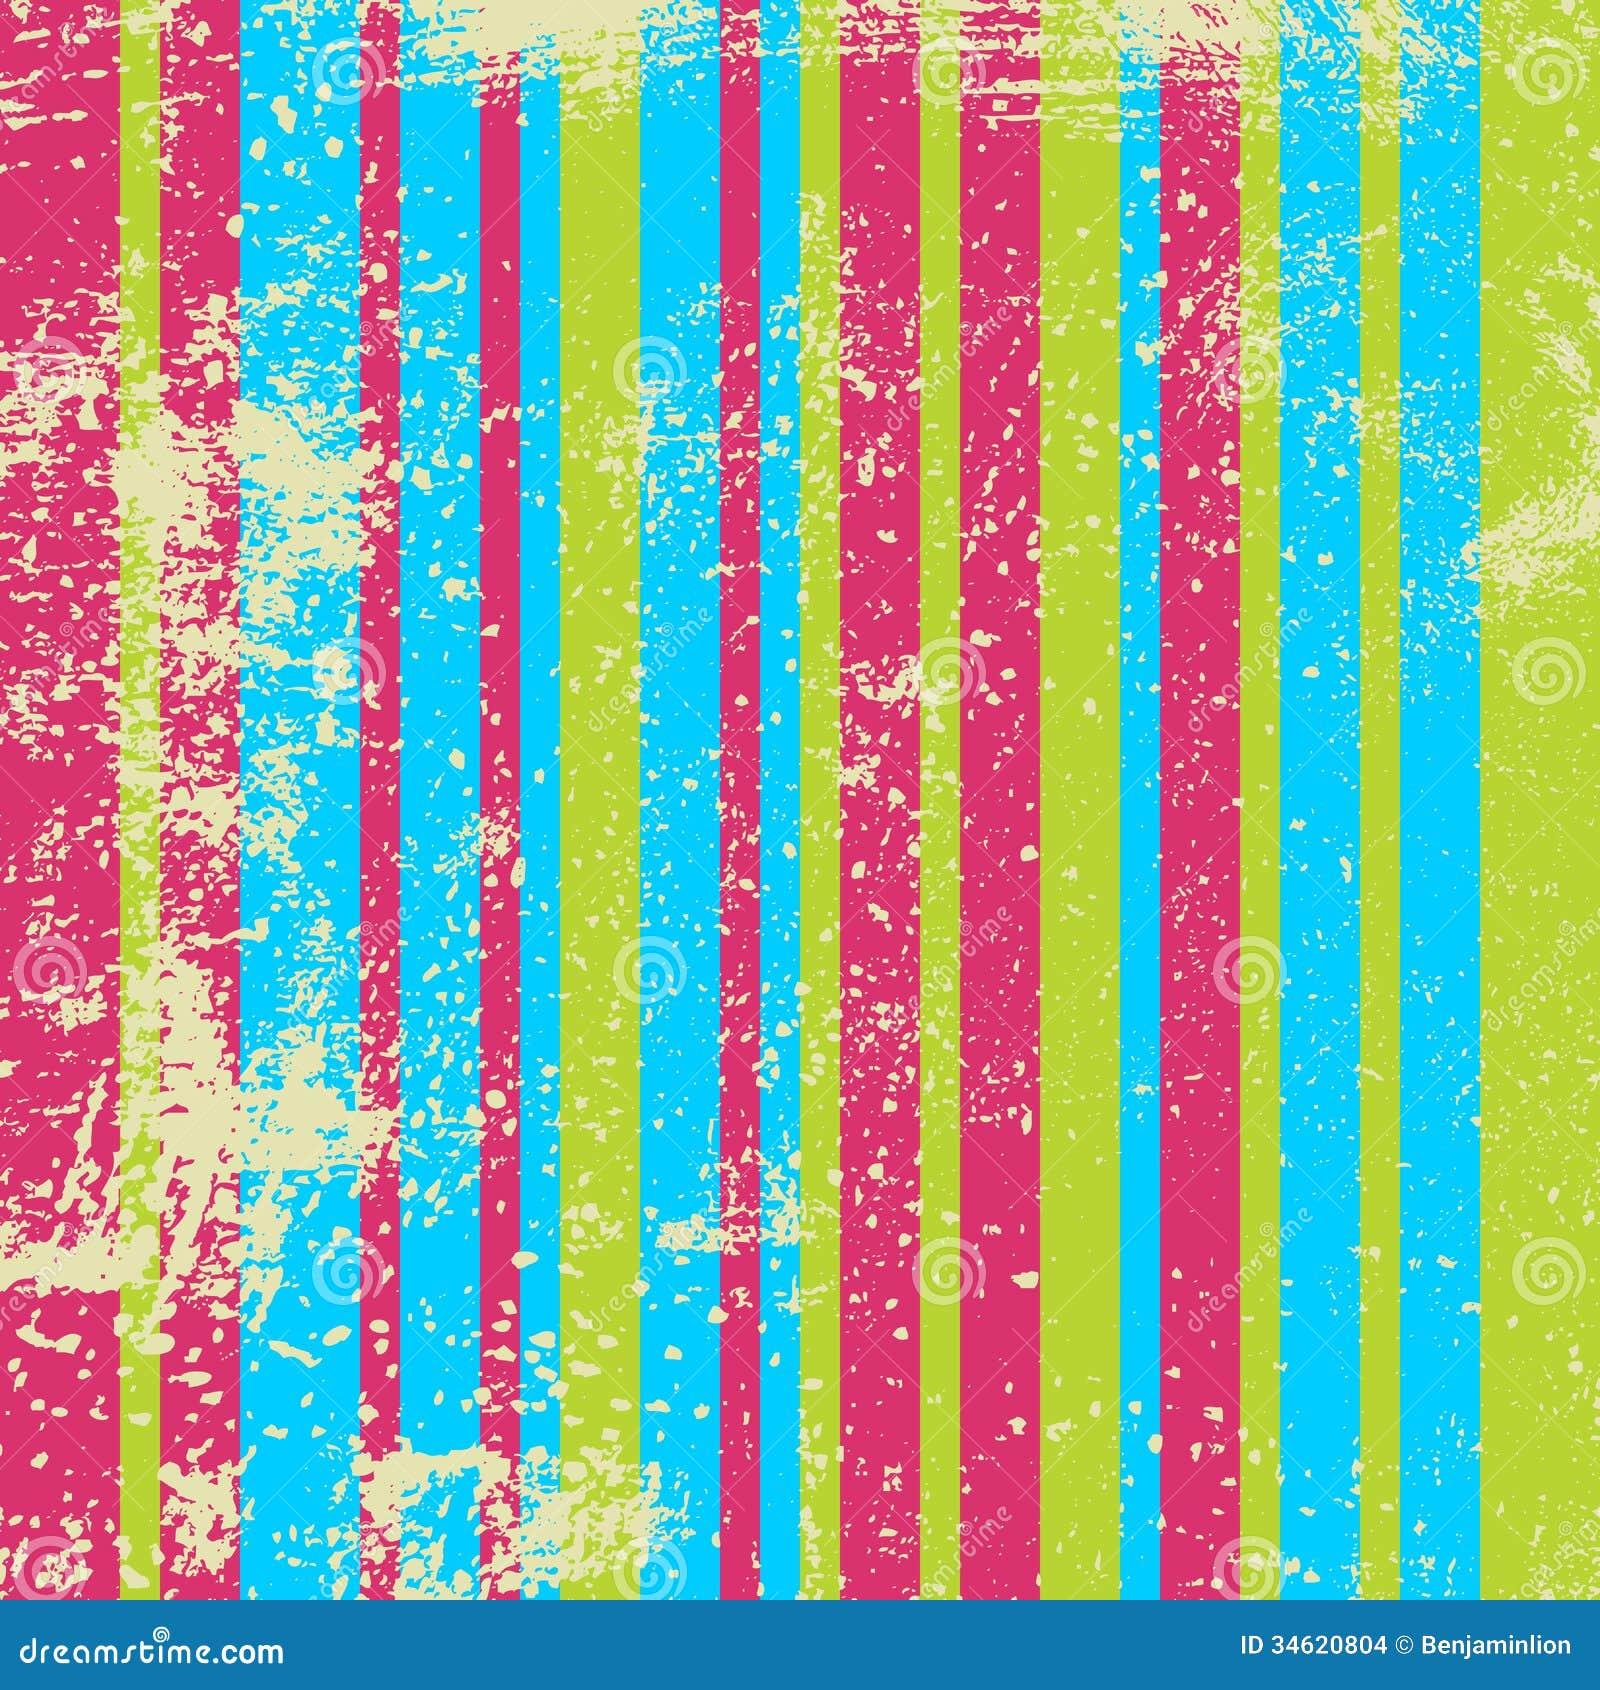 Papel pintado apenado imagenes de archivo imagen 34620804 for Imagenes papel pintado